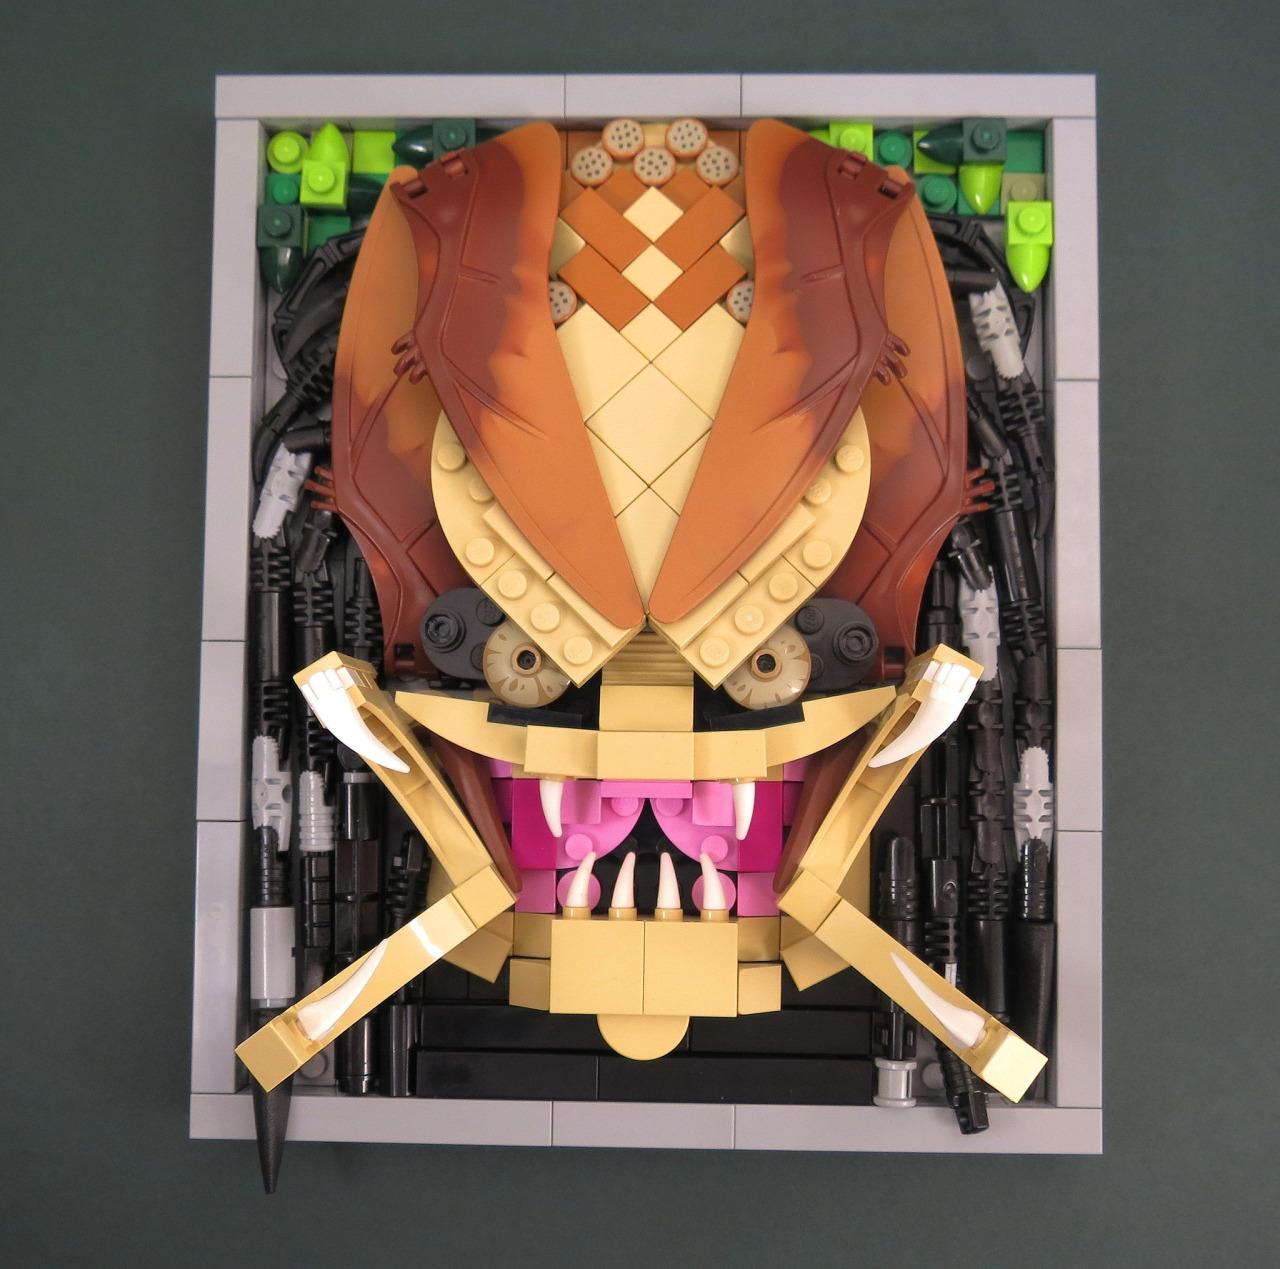 LEGO predator face